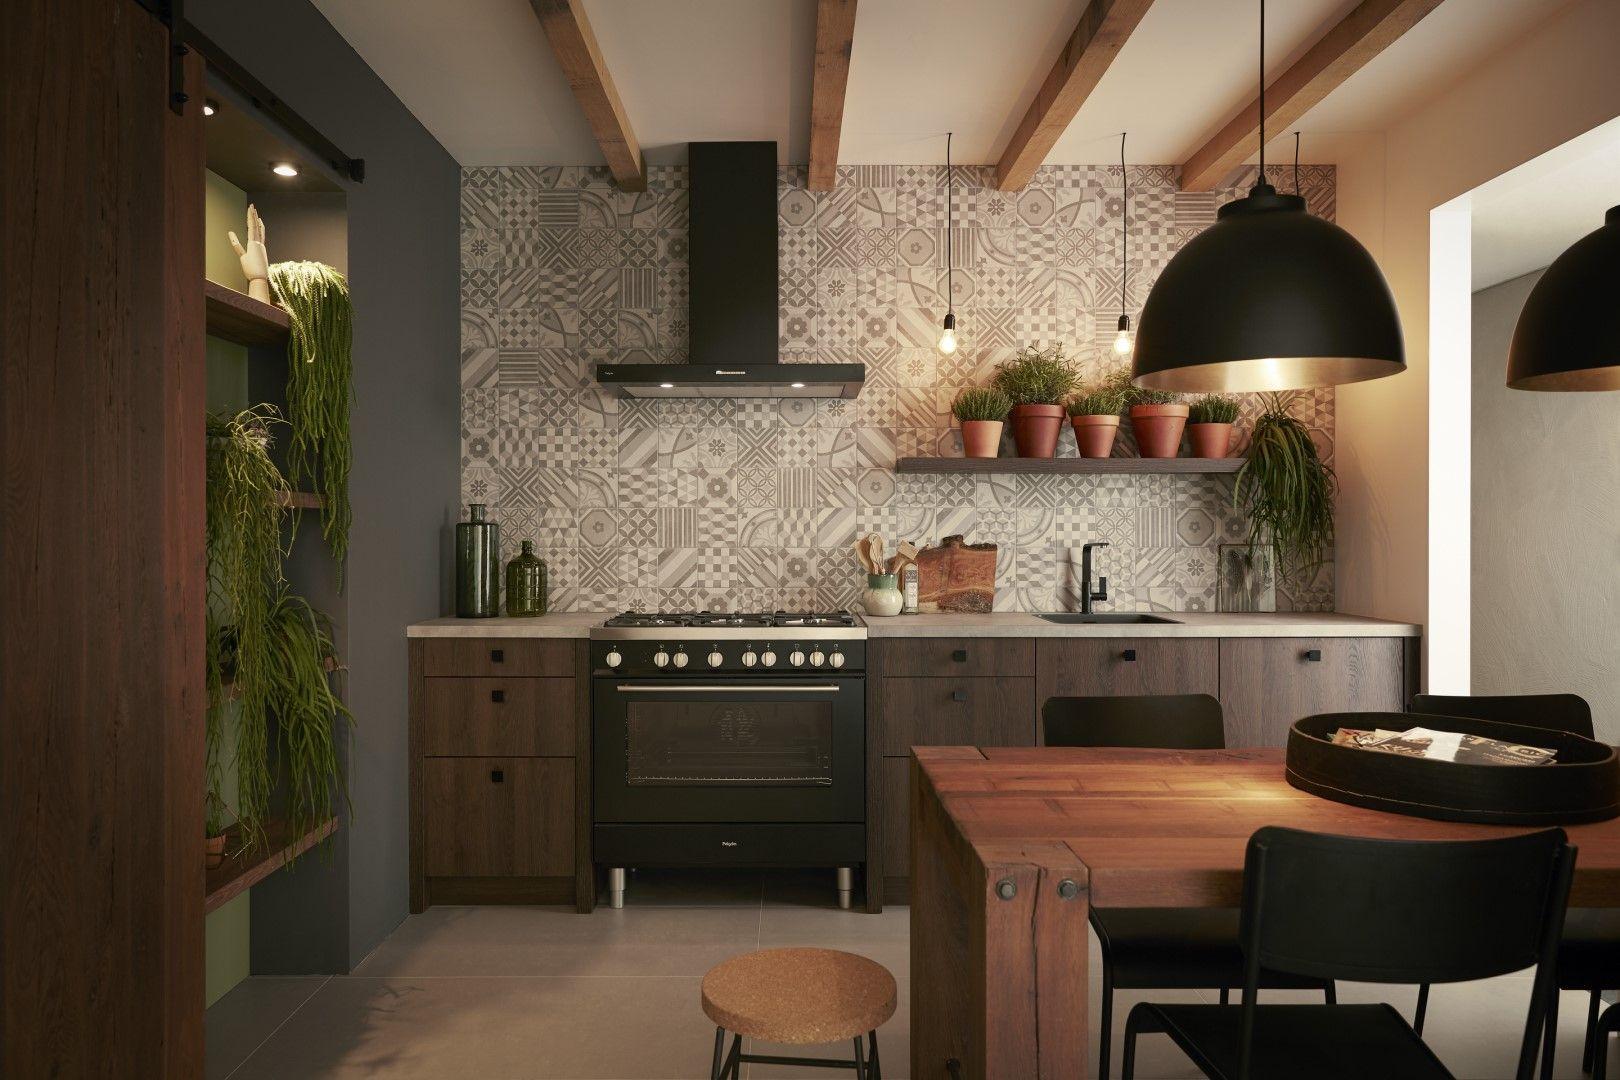 Keuken Landelijke Stijl : Landelijke keukens sfeervol wonen in landelijke stijl küche in